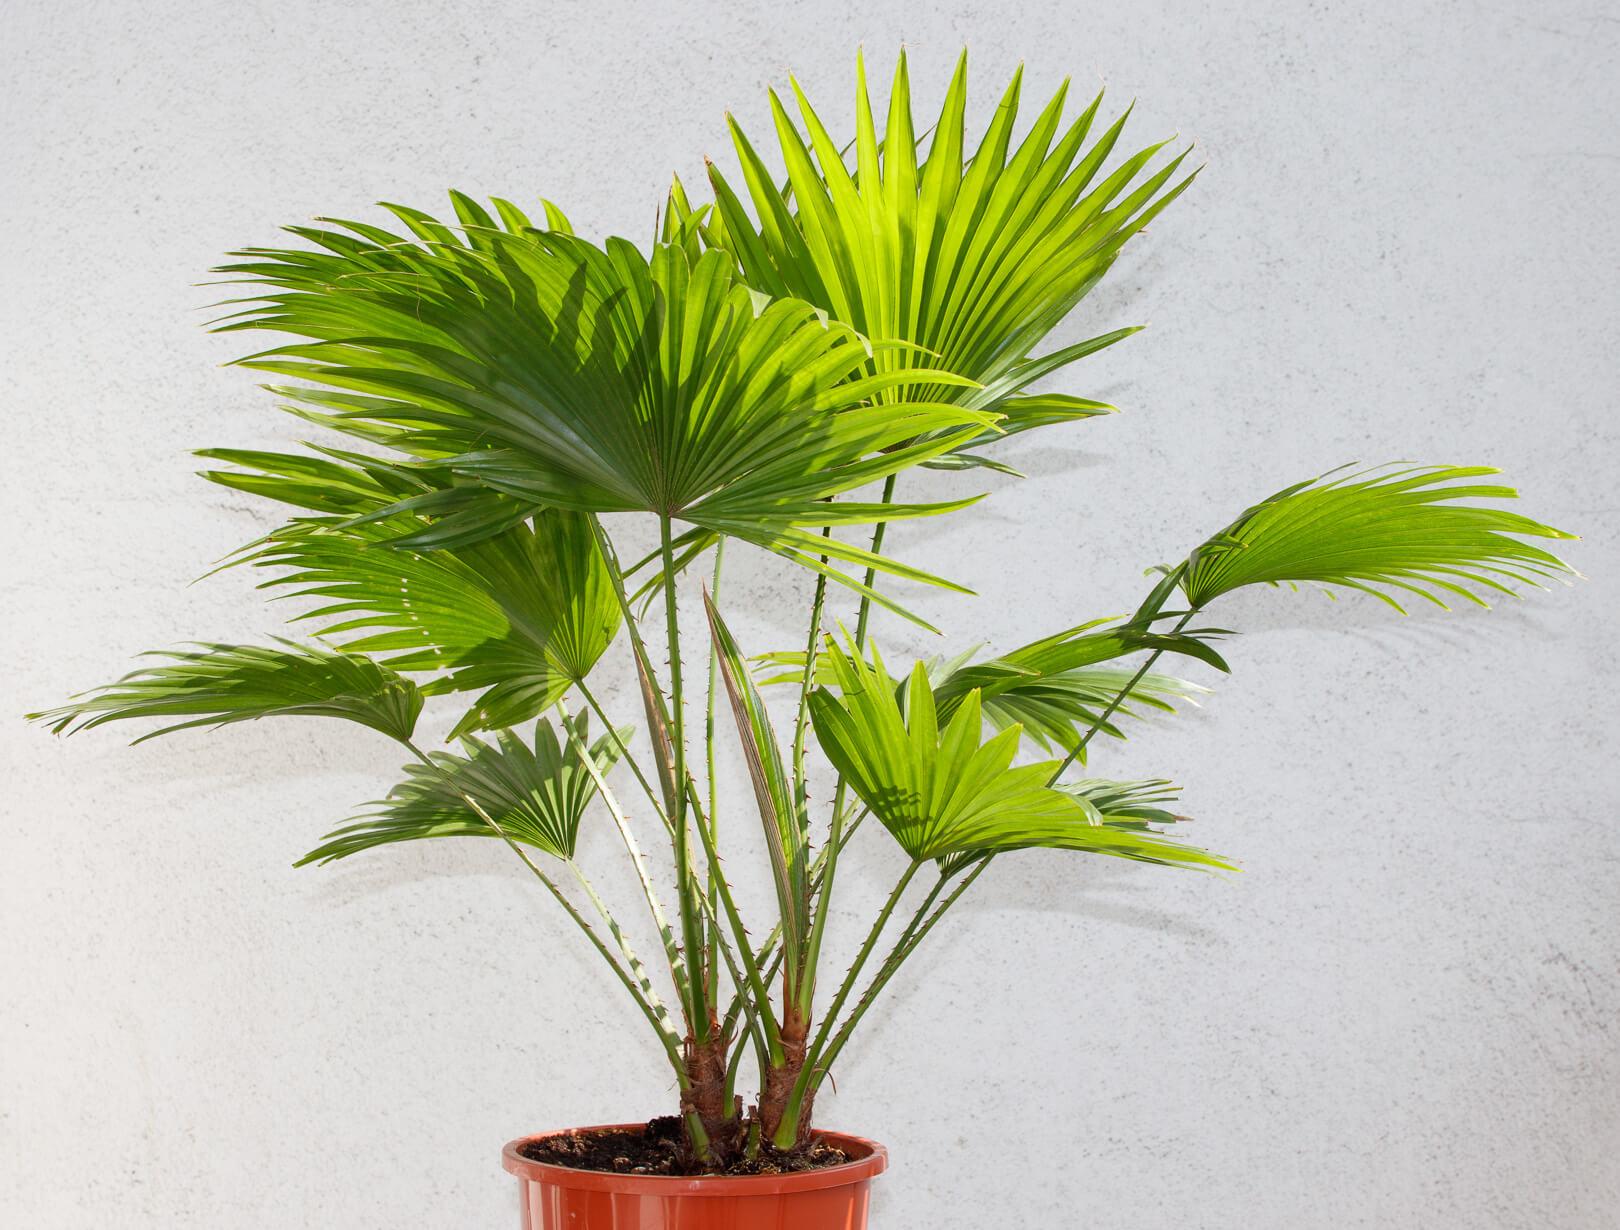 Palmierul livistona în ghiveci